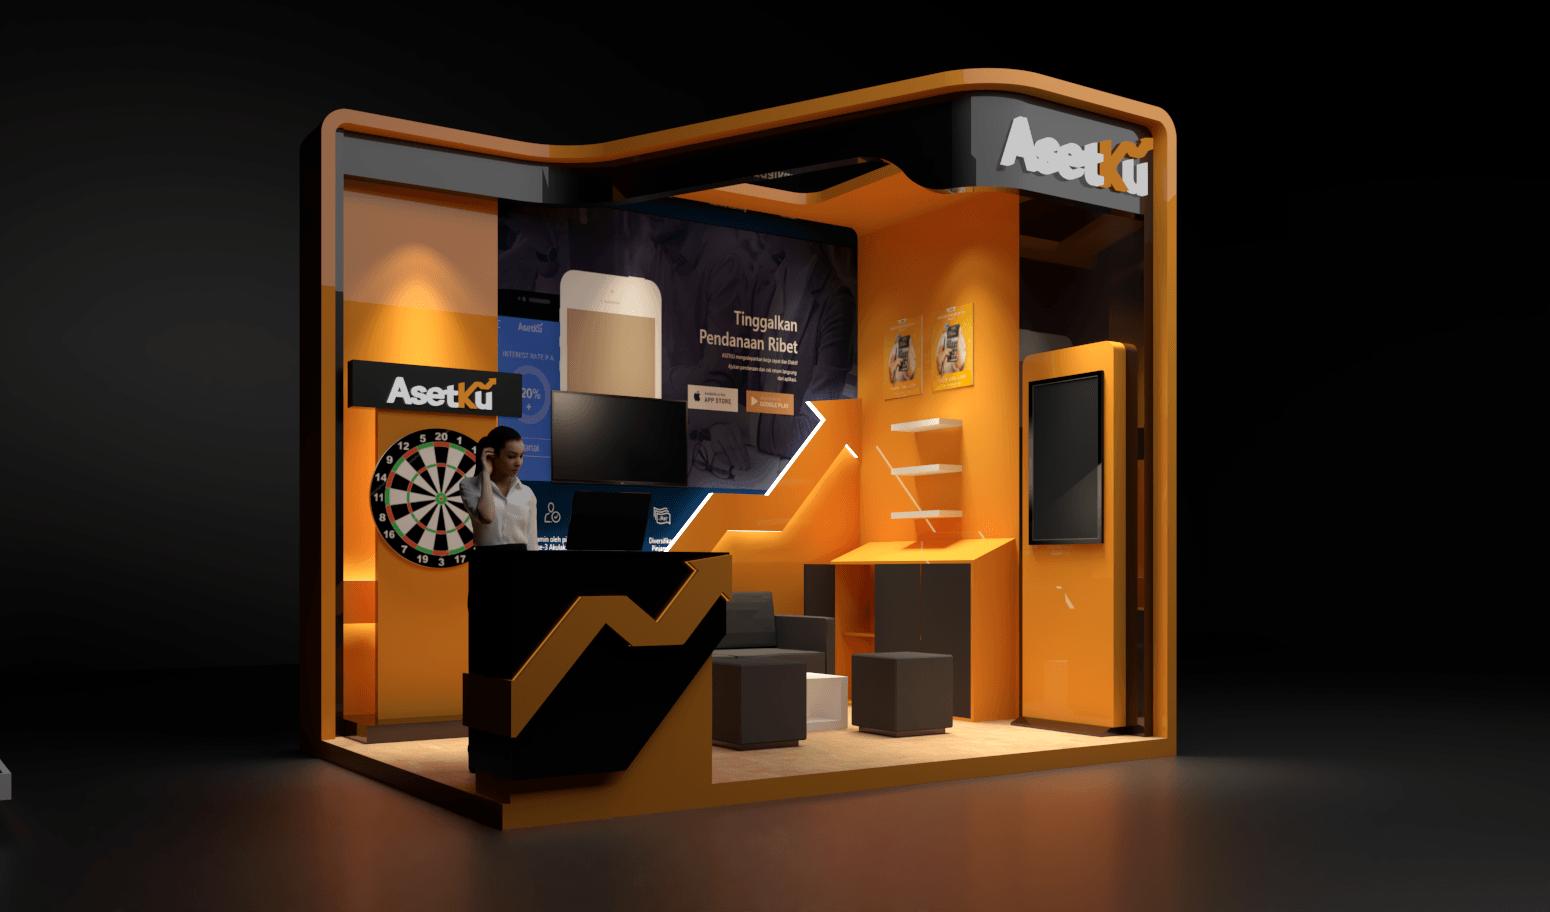 Ade Adang Suryana Desain Booth Exhibition Display Jakarta, Daerah Khusus Ibukota Jakarta, Indonesia Jakarta, Daerah Khusus Ibukota Jakarta, Indonesia Ade-Adang-Suryana-Desain-Booth-Exhibition-Display   88157